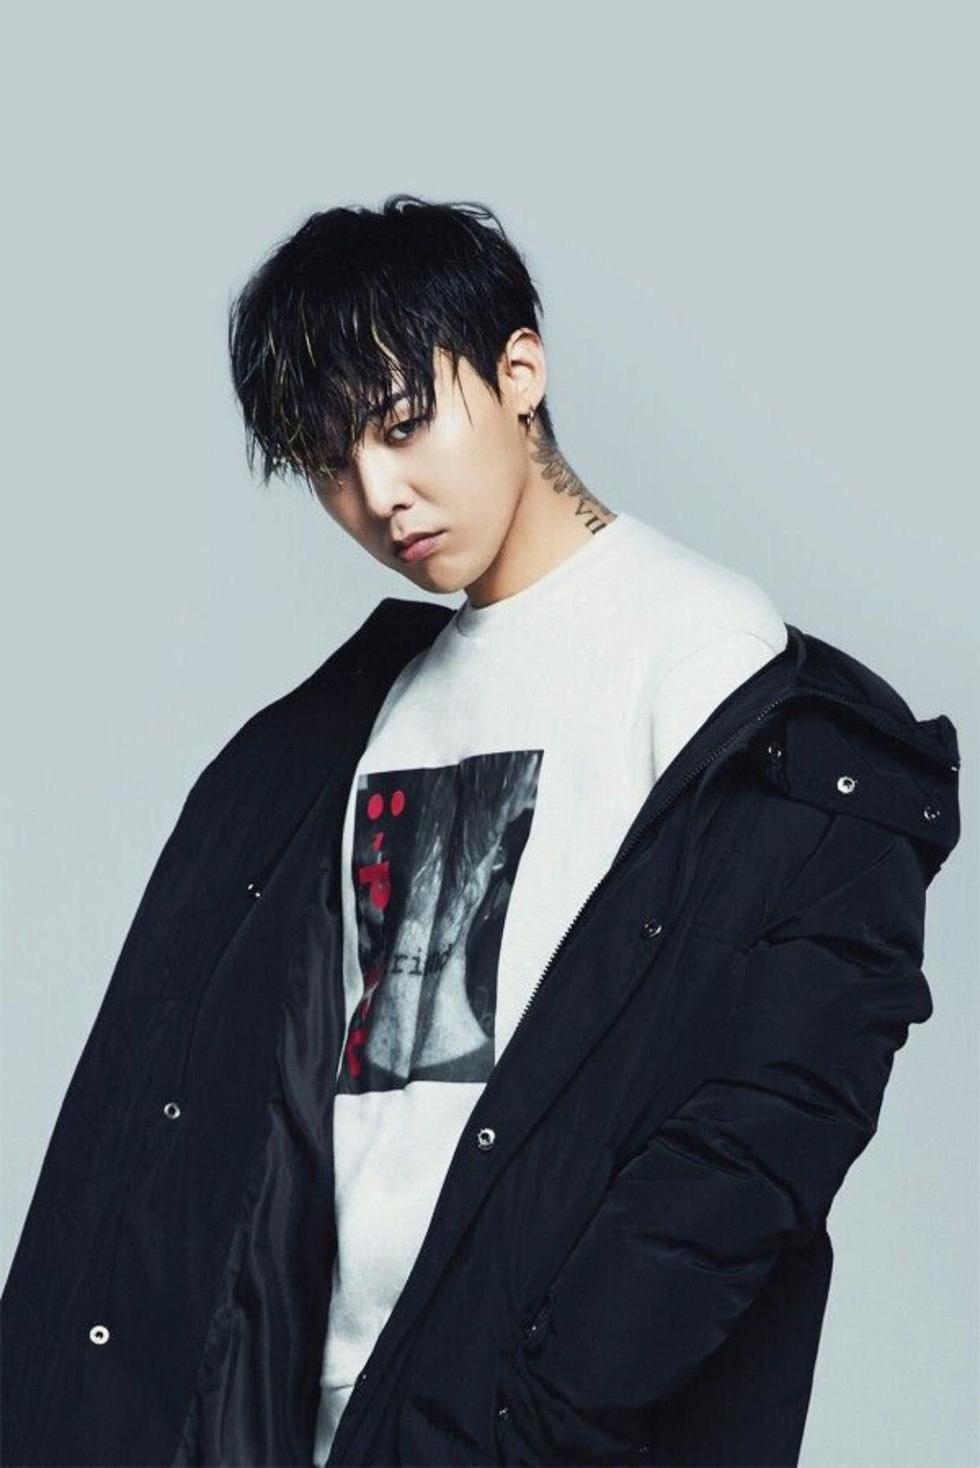 'Chàng béo' Psy đứng đầu top 10 nghệ sĩ giàu nhất K-pop - Ảnh 9.